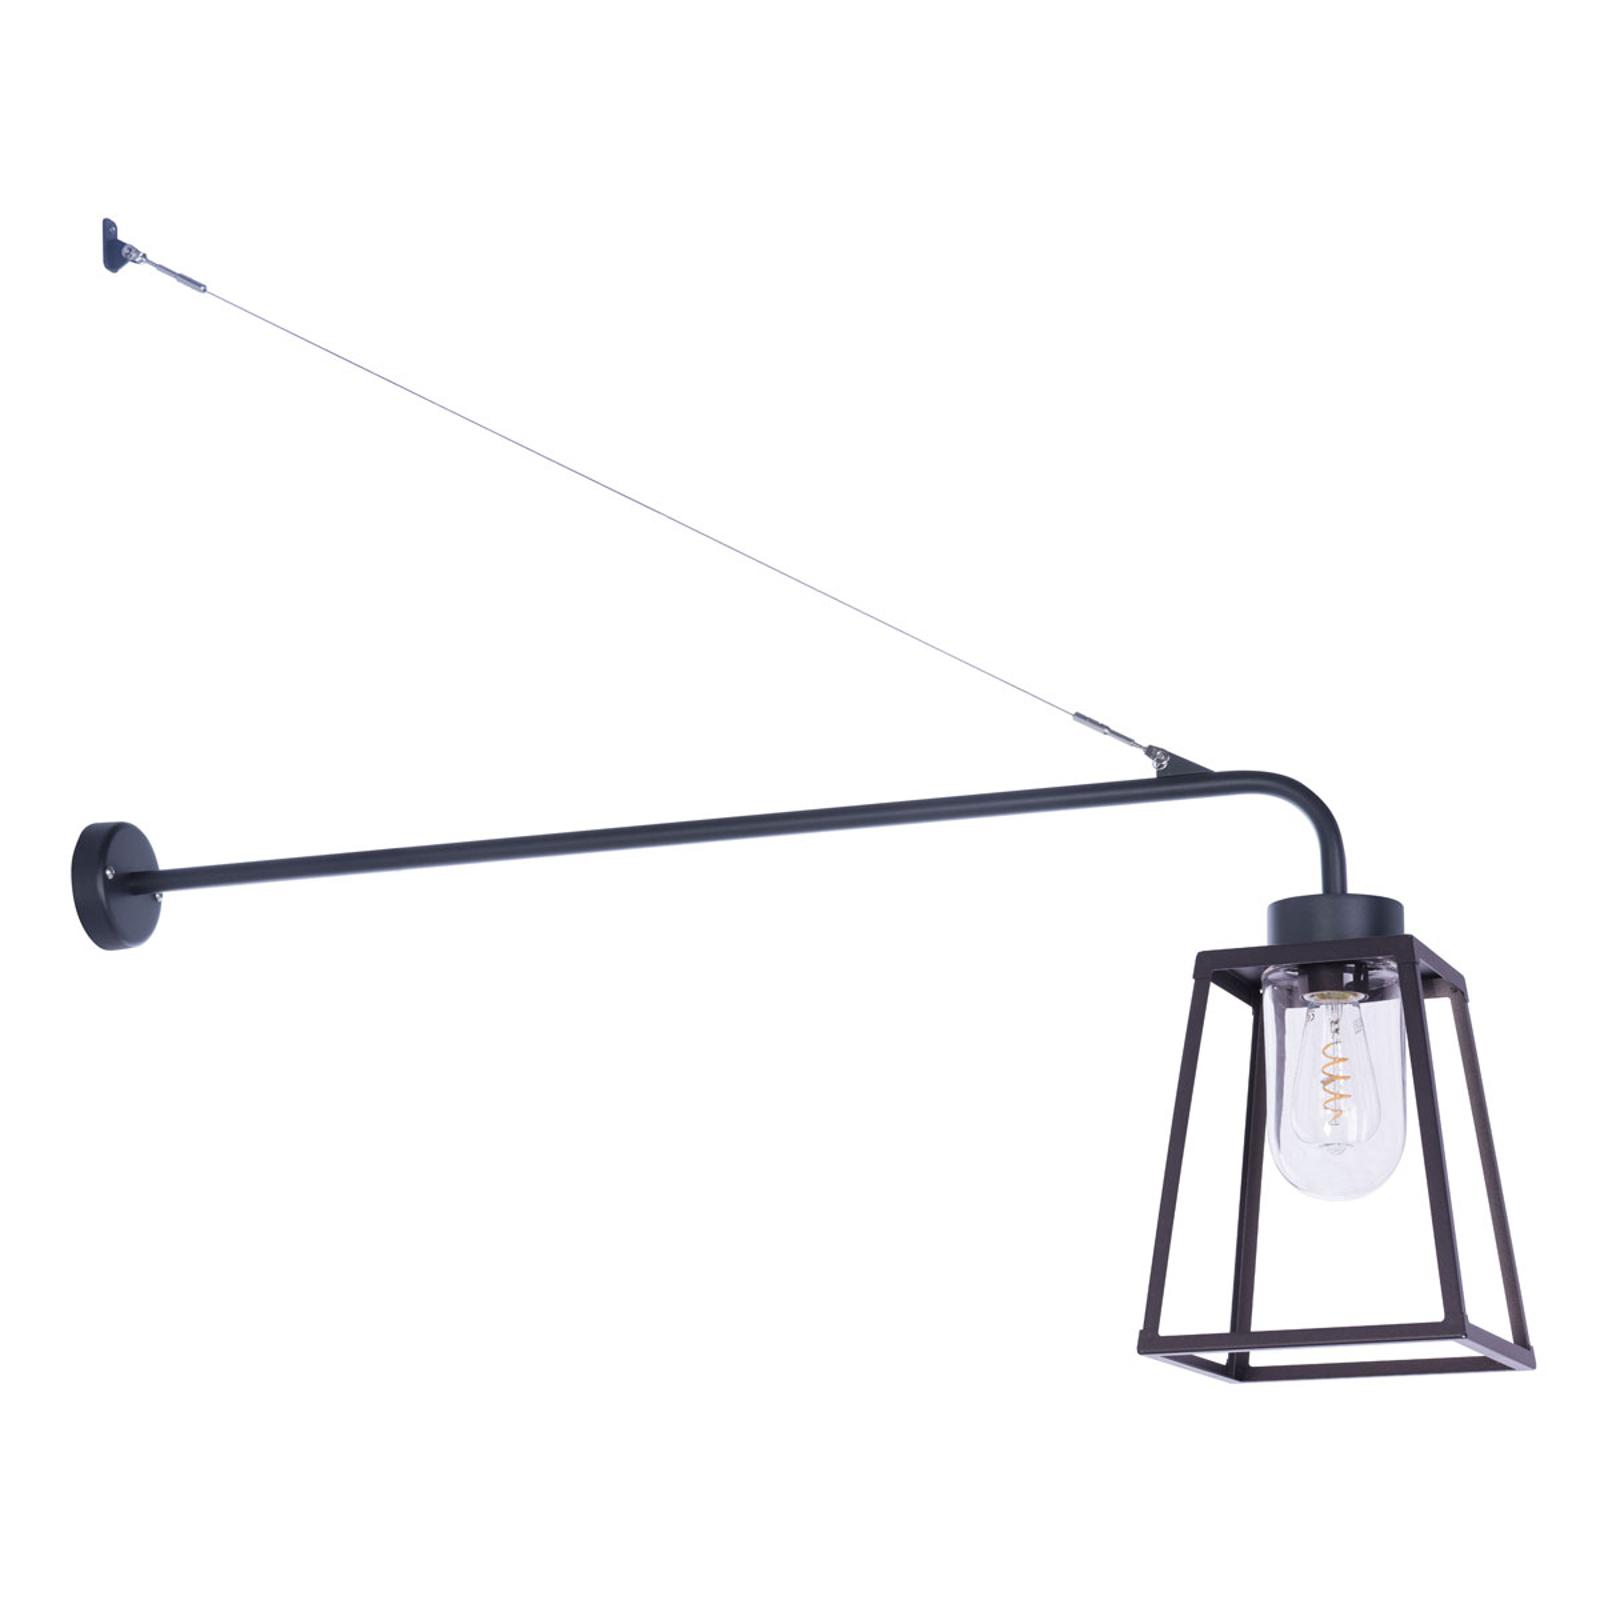 Außenwandleuchte Lampiok, schwarz-grau, 108 cm